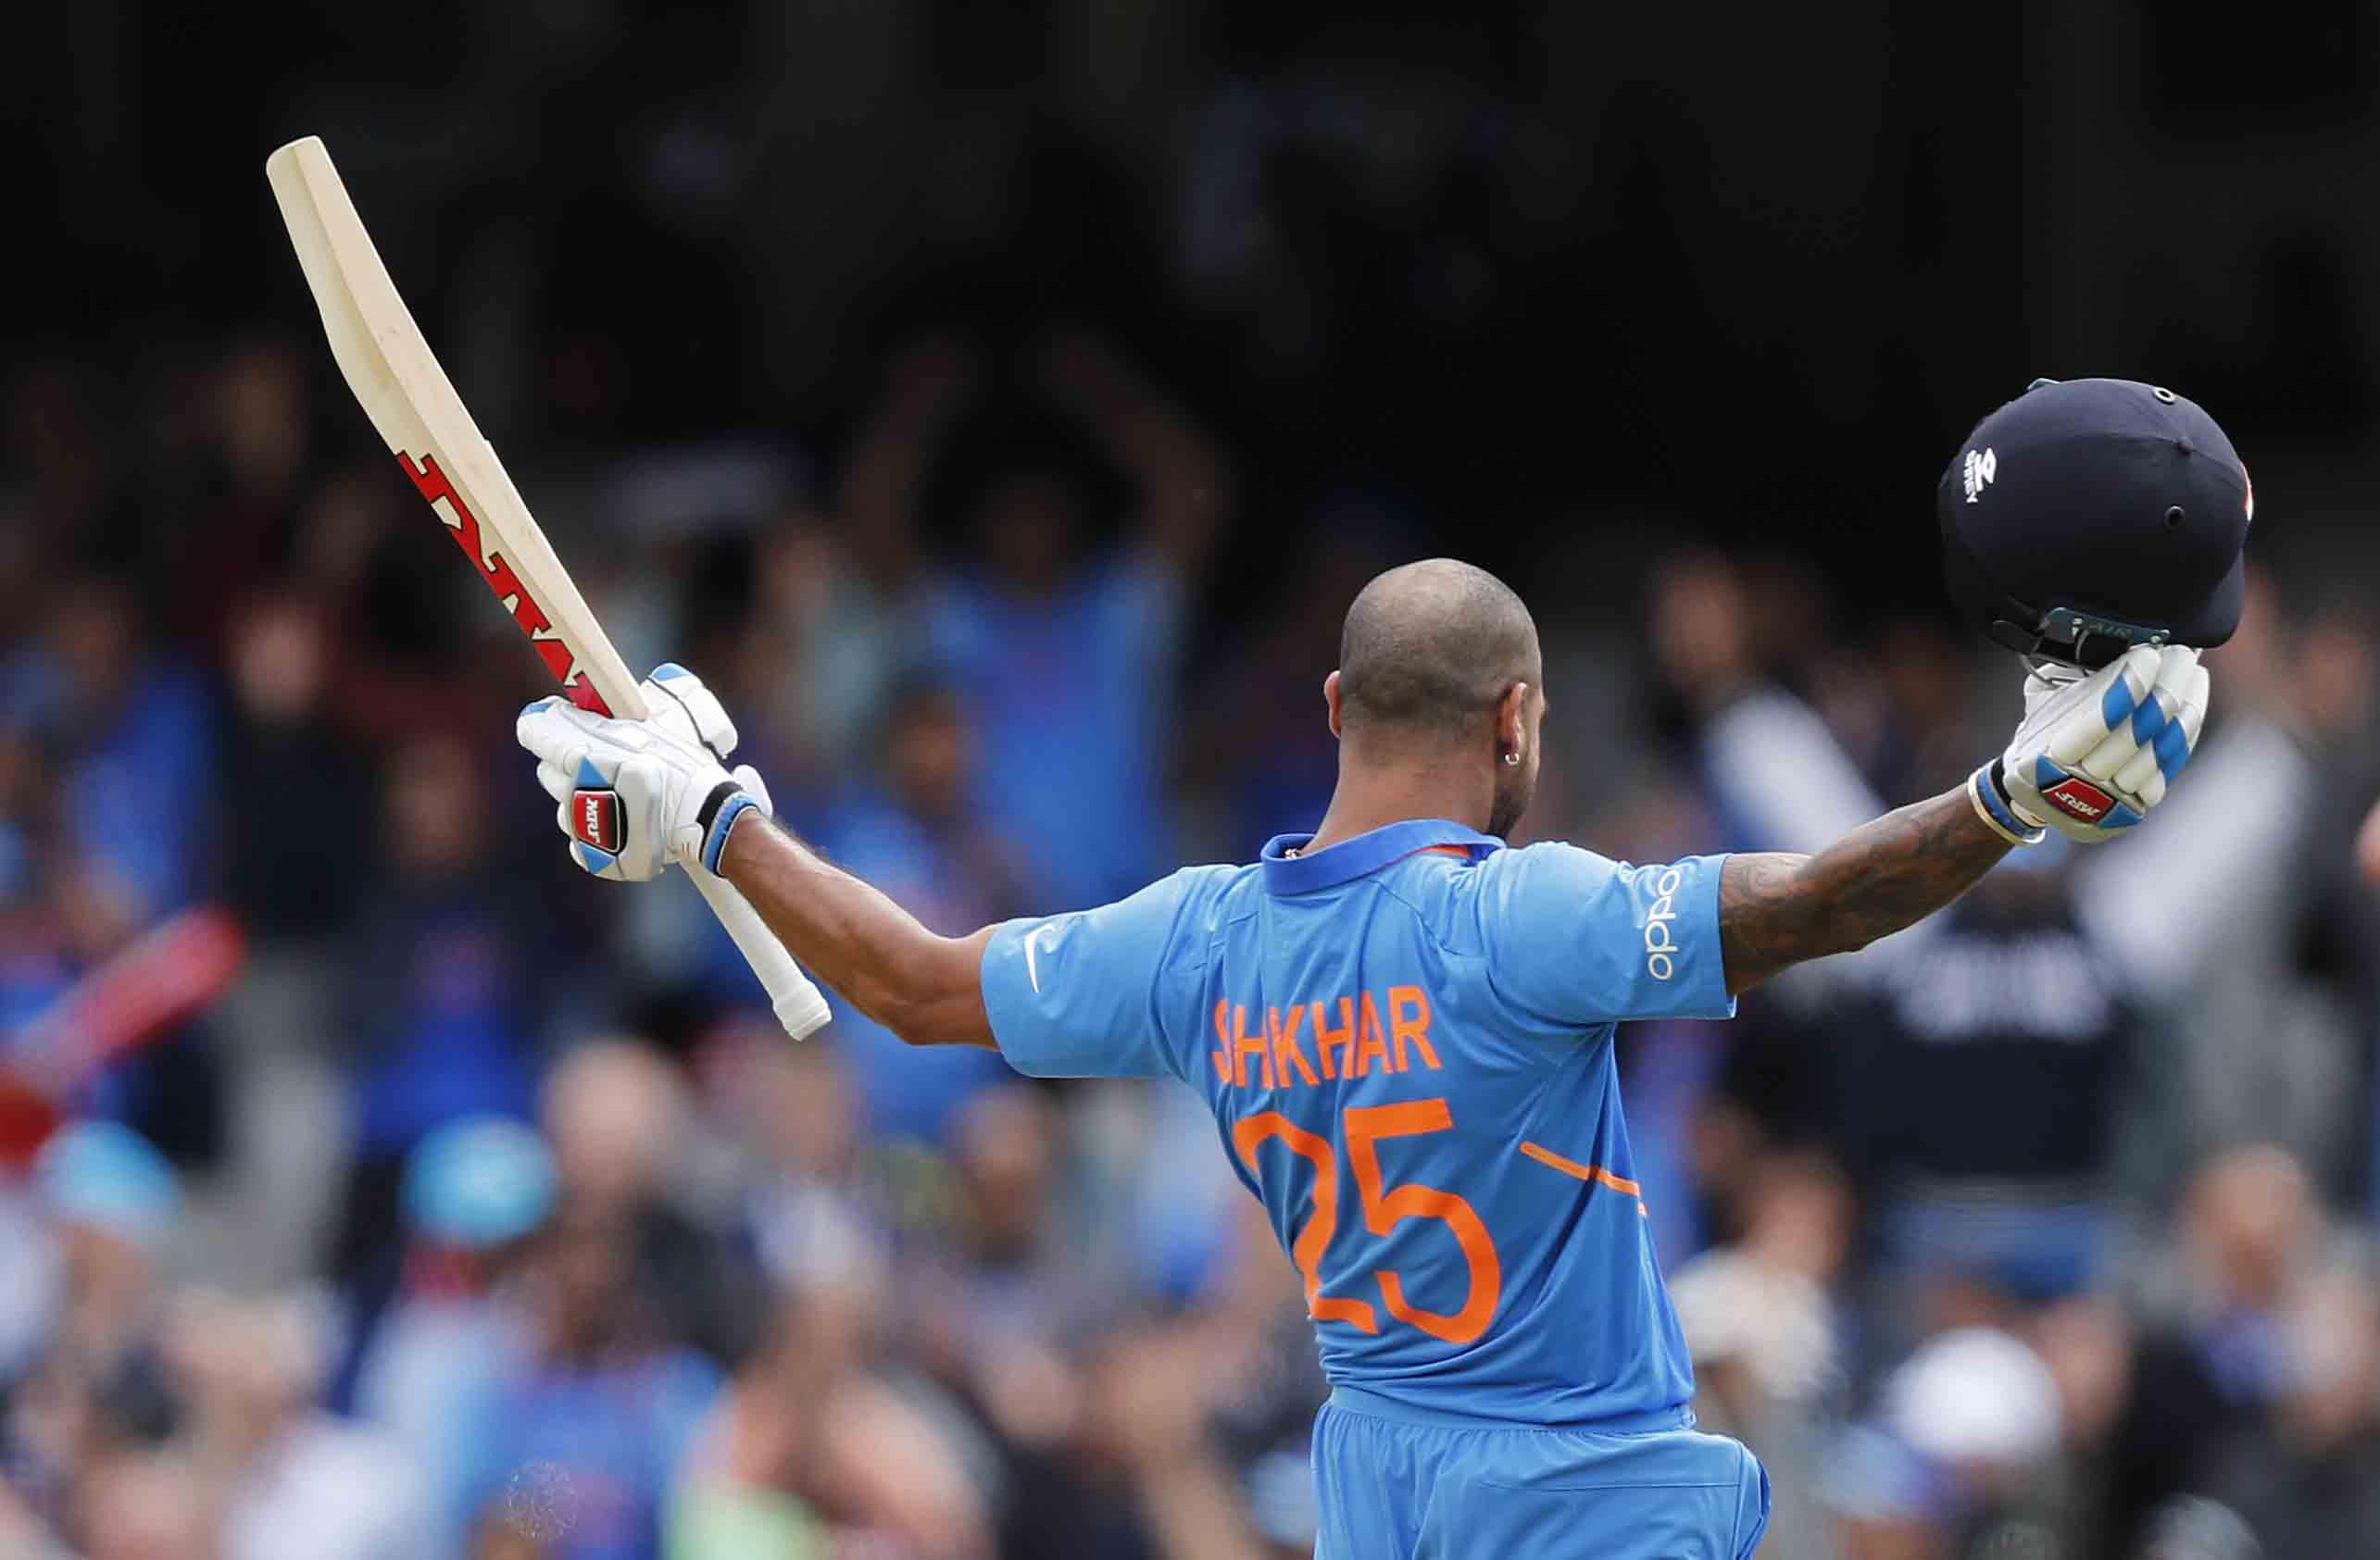 शिखर धवन भी टीम के लिए उतने ही अहम, जितने विराट या रोहित: हरभजन सिंह